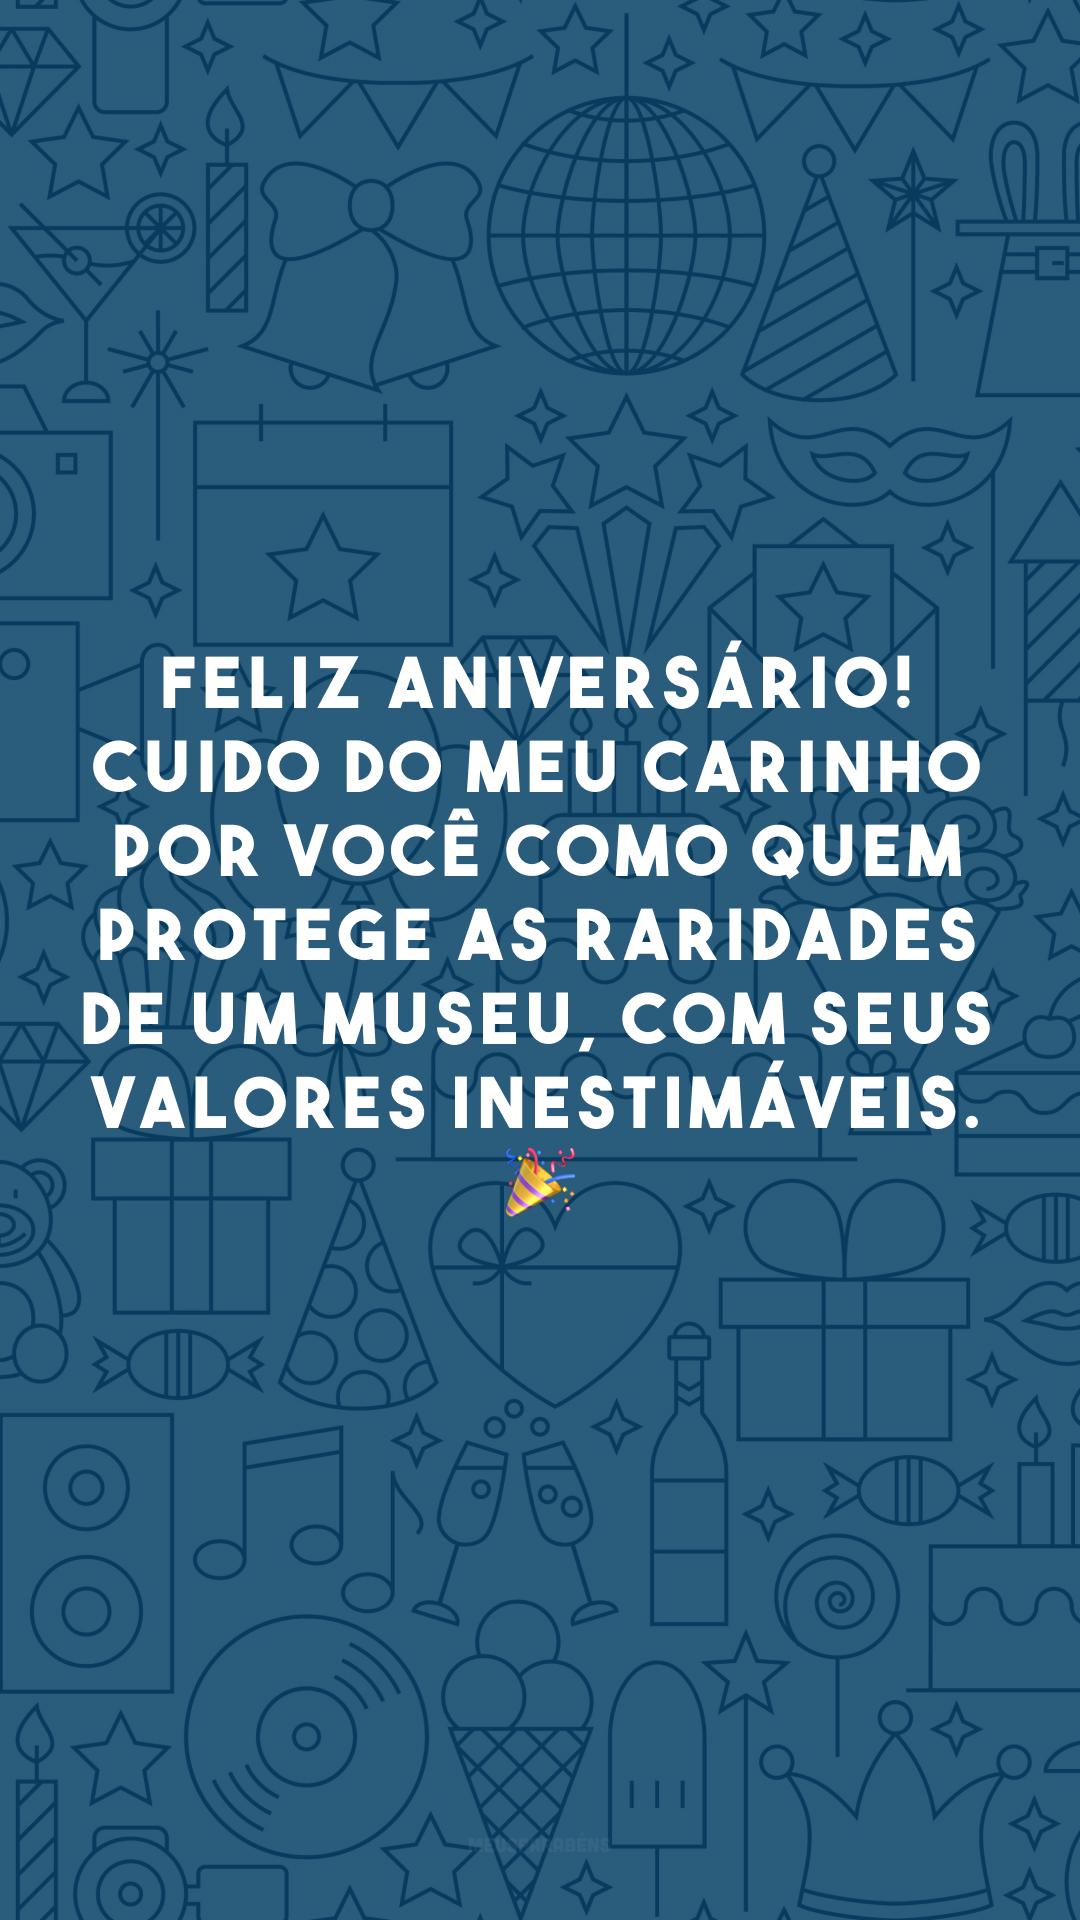 Feliz aniversário! Cuido do meu carinho por você como quem protege as raridades de um museu, com seus valores inestimáveis. 🎉